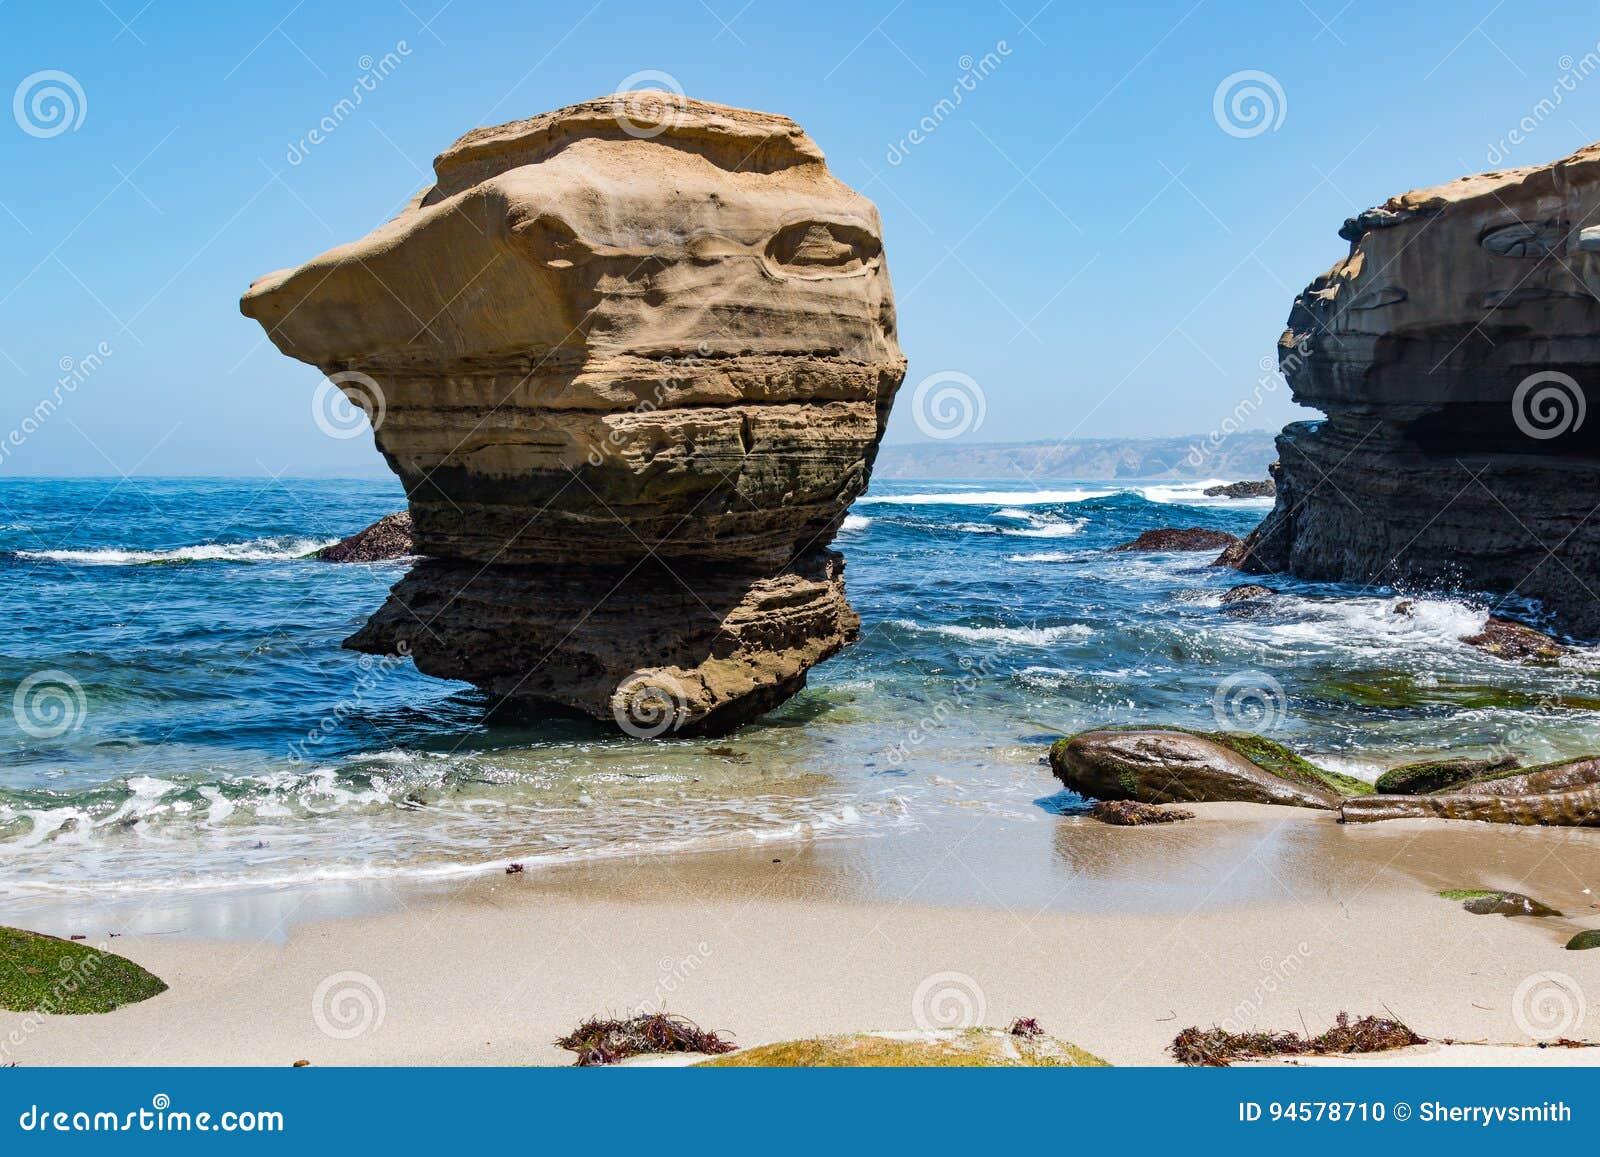 Formación de roca prominente en La Jolla, California